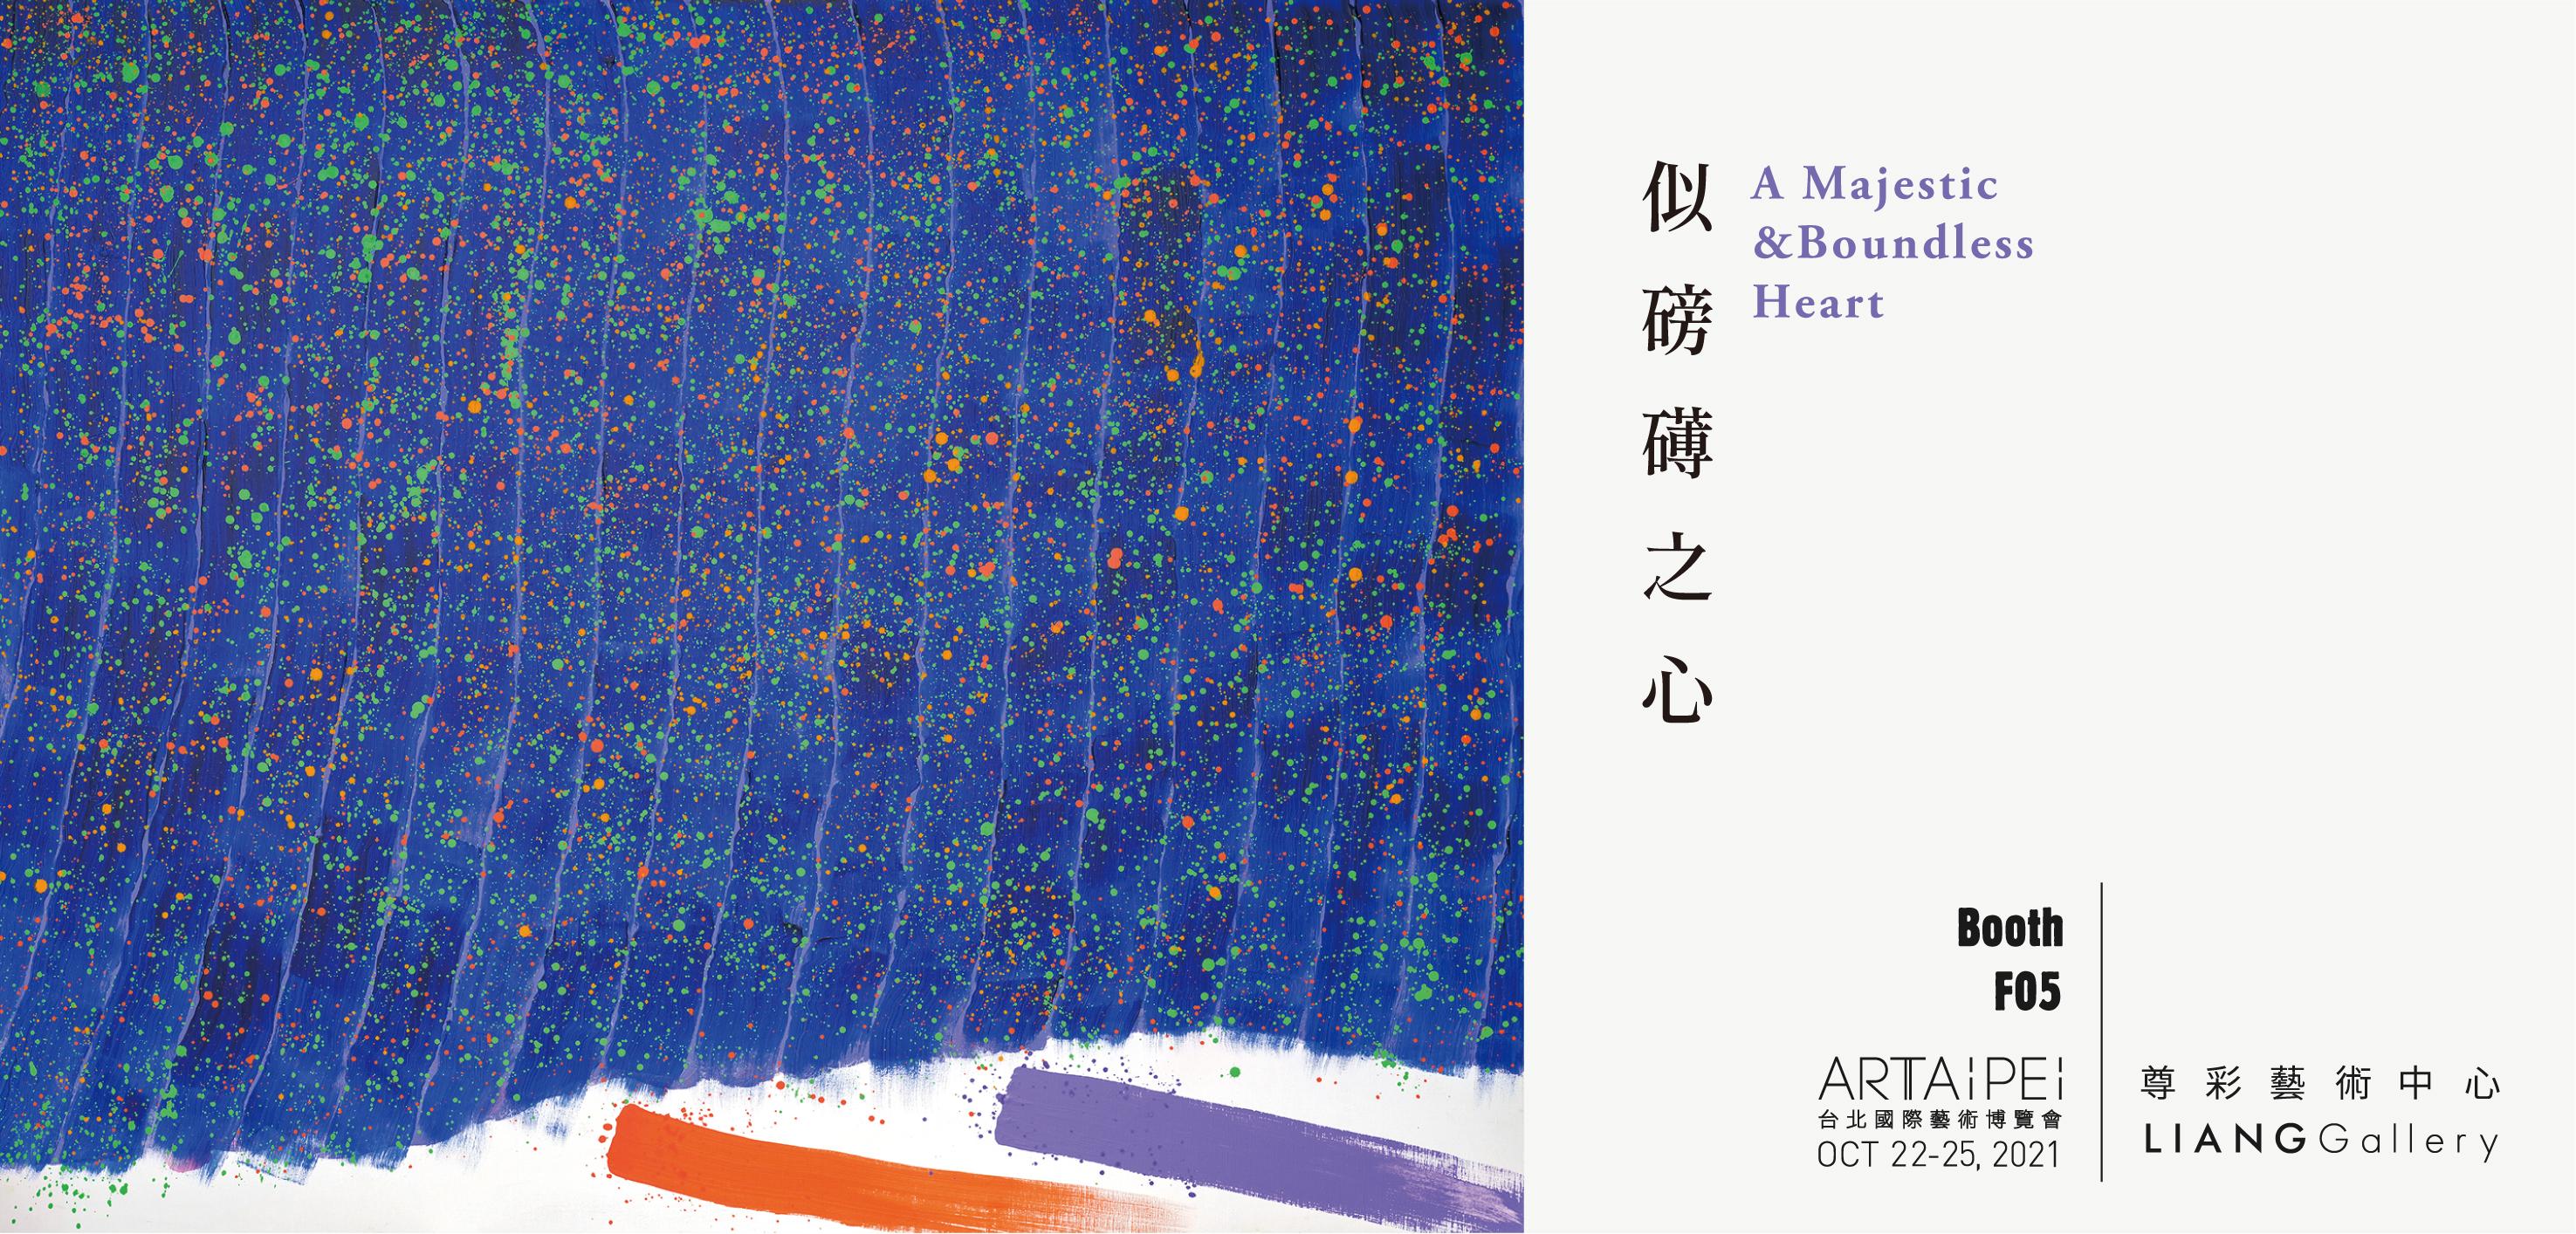 2021臺北國際藝術博覽會